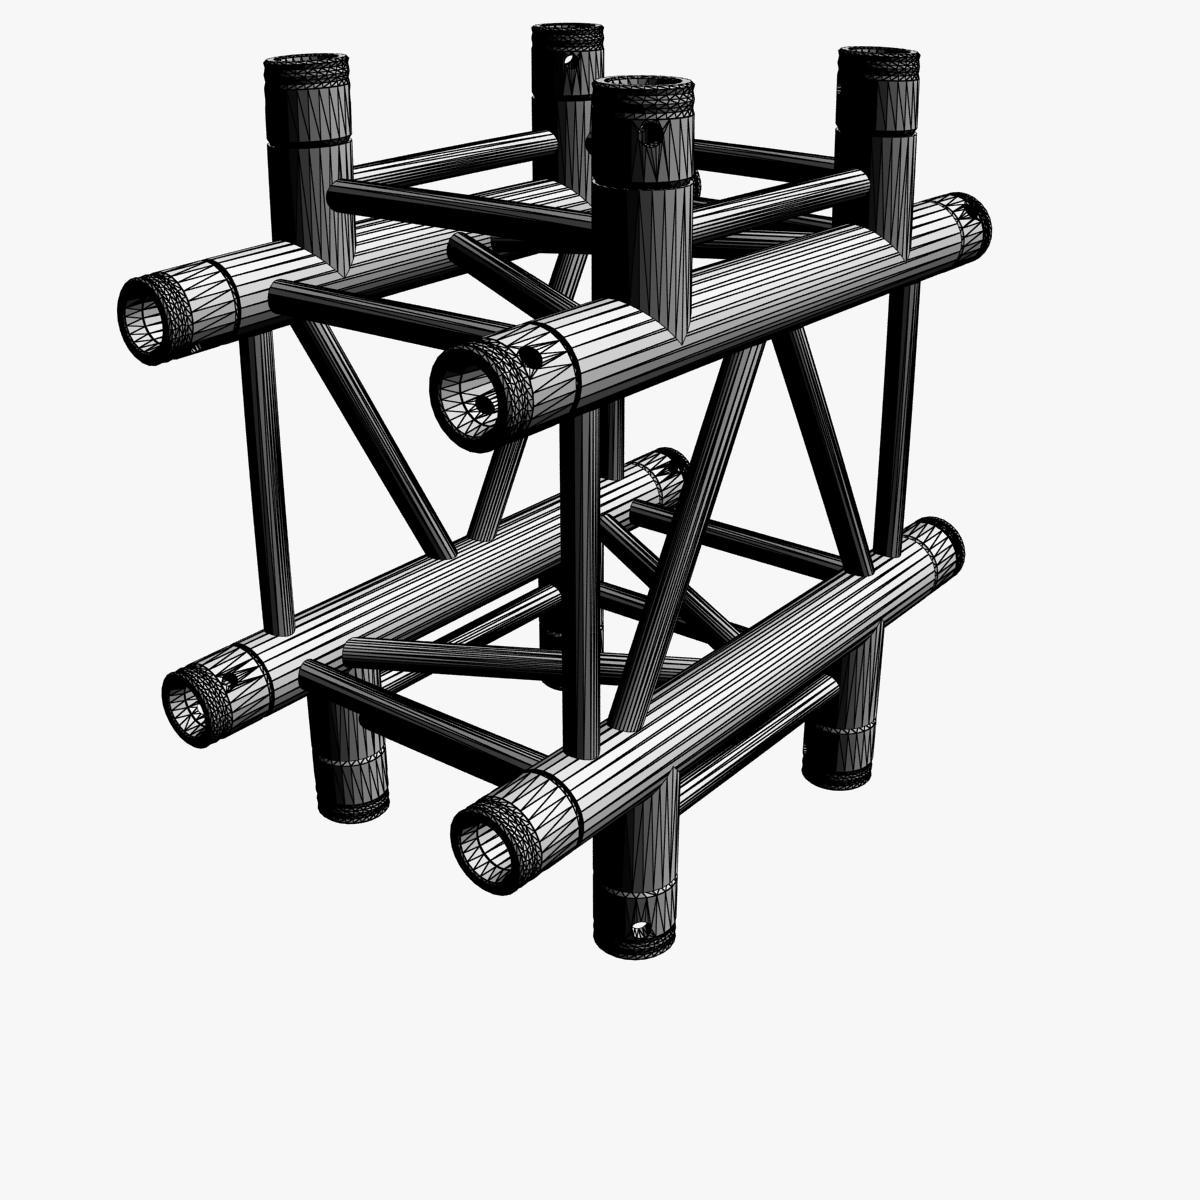 square light trusses (collection 50 modular) 3d model 3ds max dxf fbx c4d dae texture obj 216174